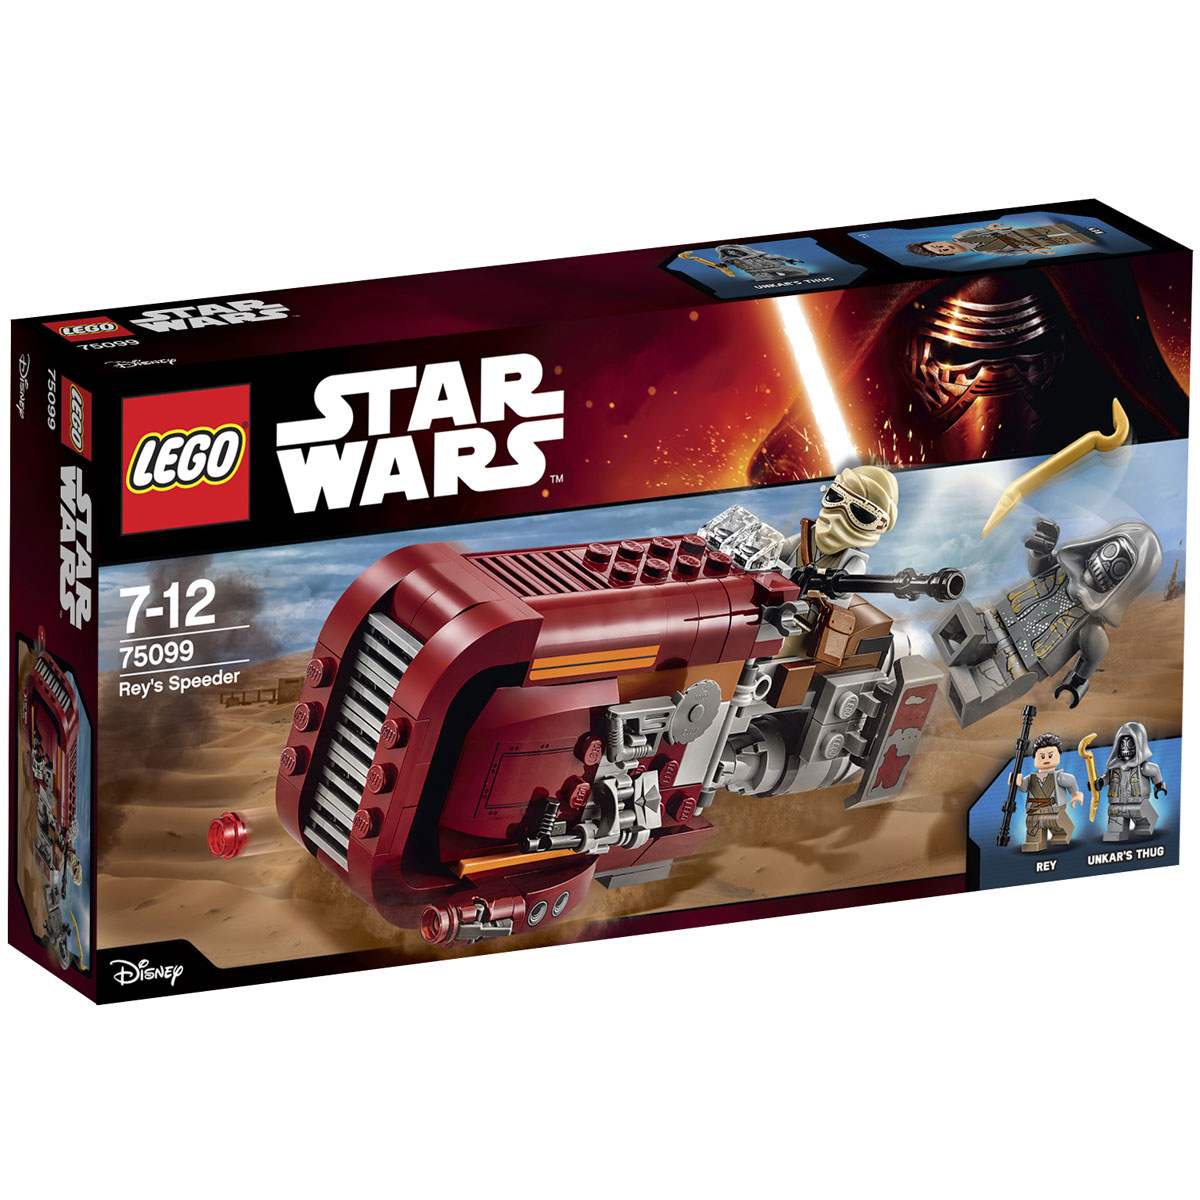 LEGO Star Wars Конструктор Спидер Рей 75099 очки рей бен оригинал купить в спб